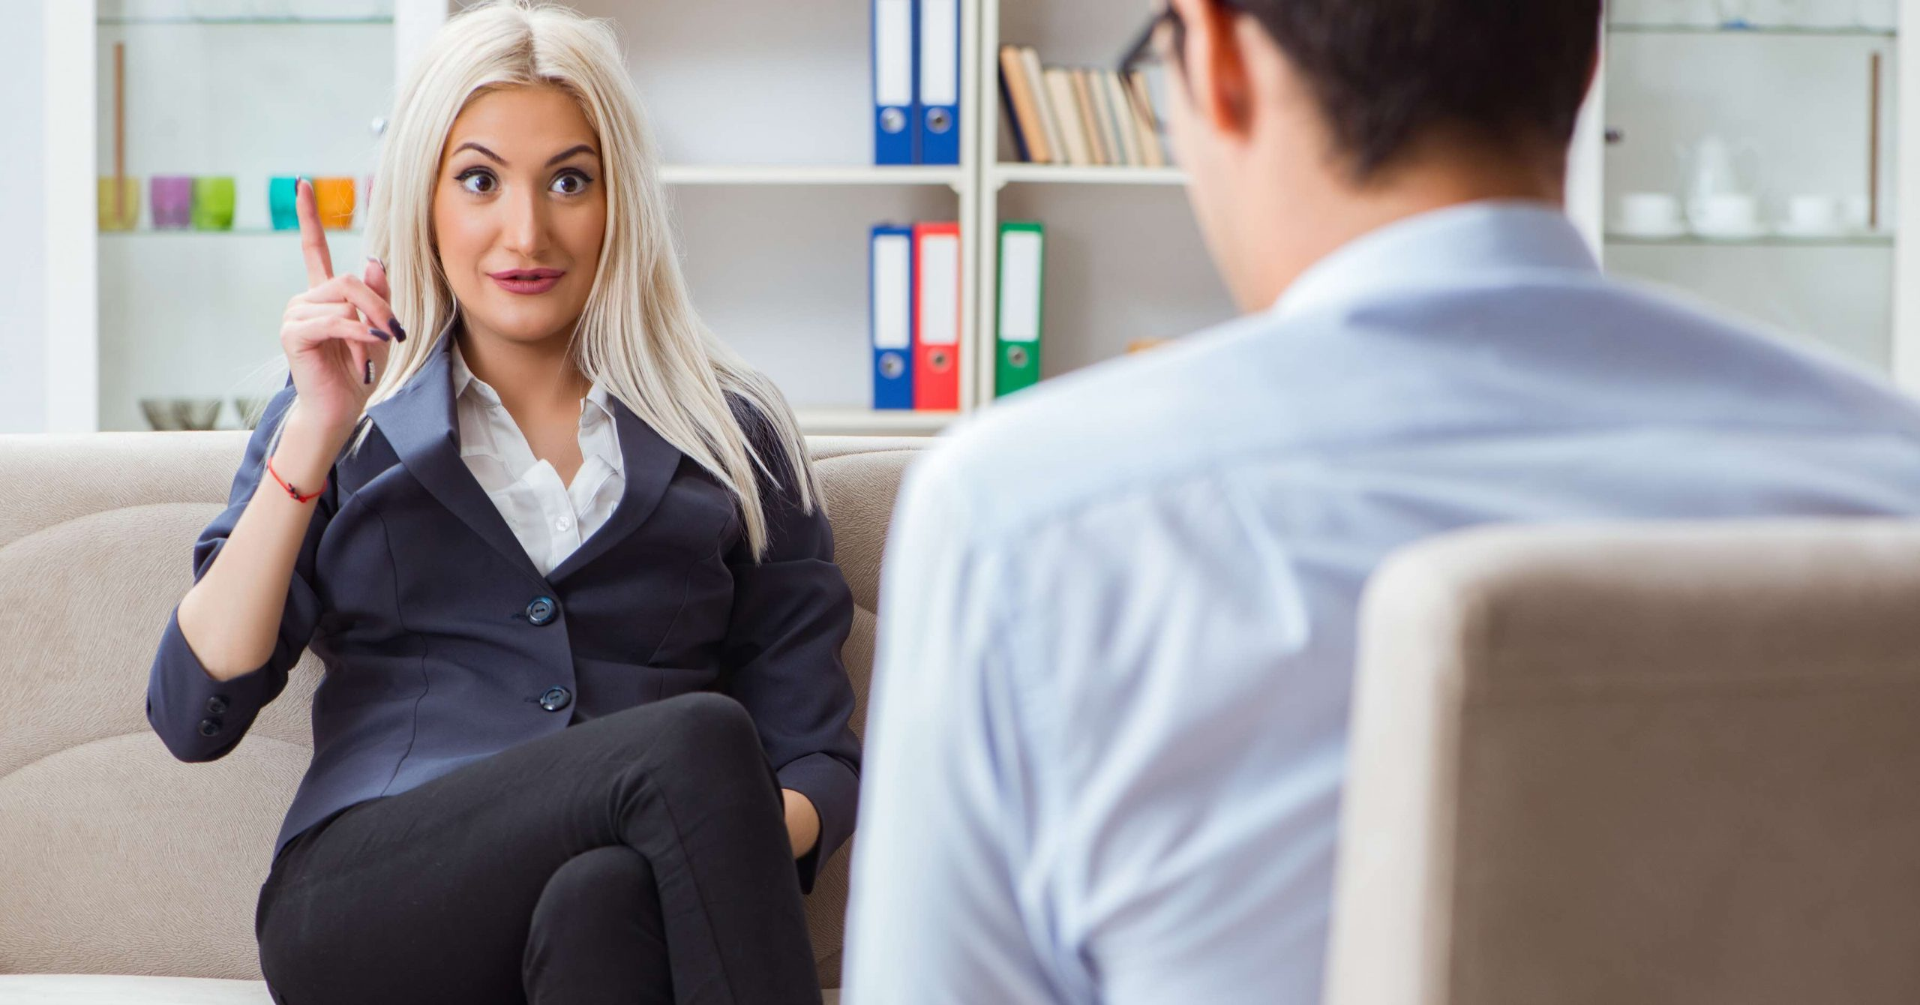 Hol hibázhatunk nagyot, mikor tanácsadót, coachot választunk magunknak a krízisben?